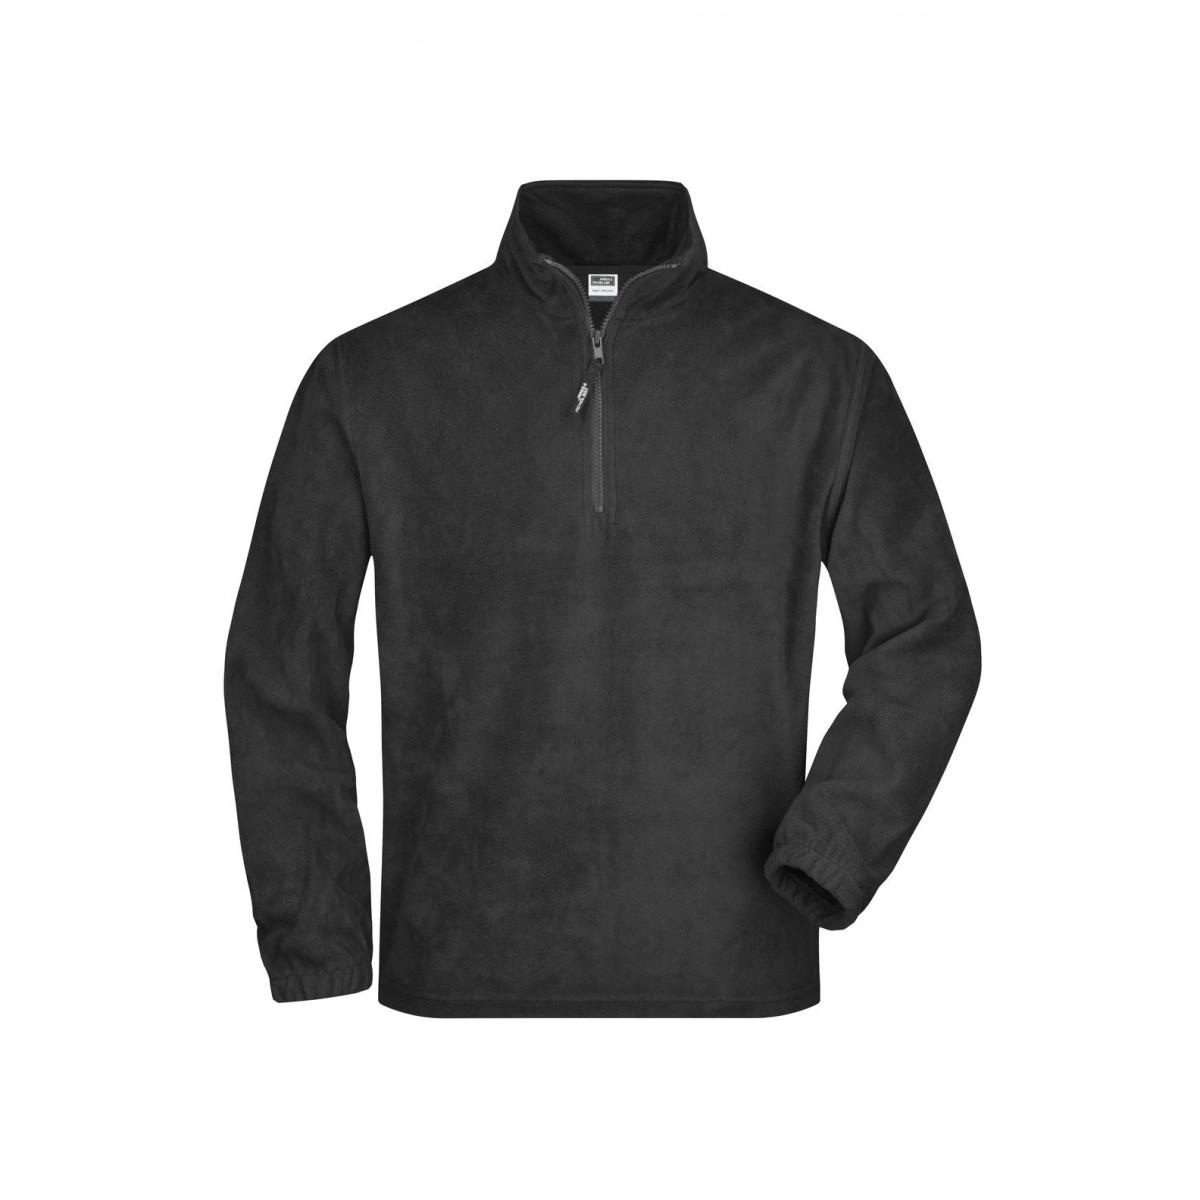 Толстовка мужская JN043 Half-Zip Fleece - Темно-серый